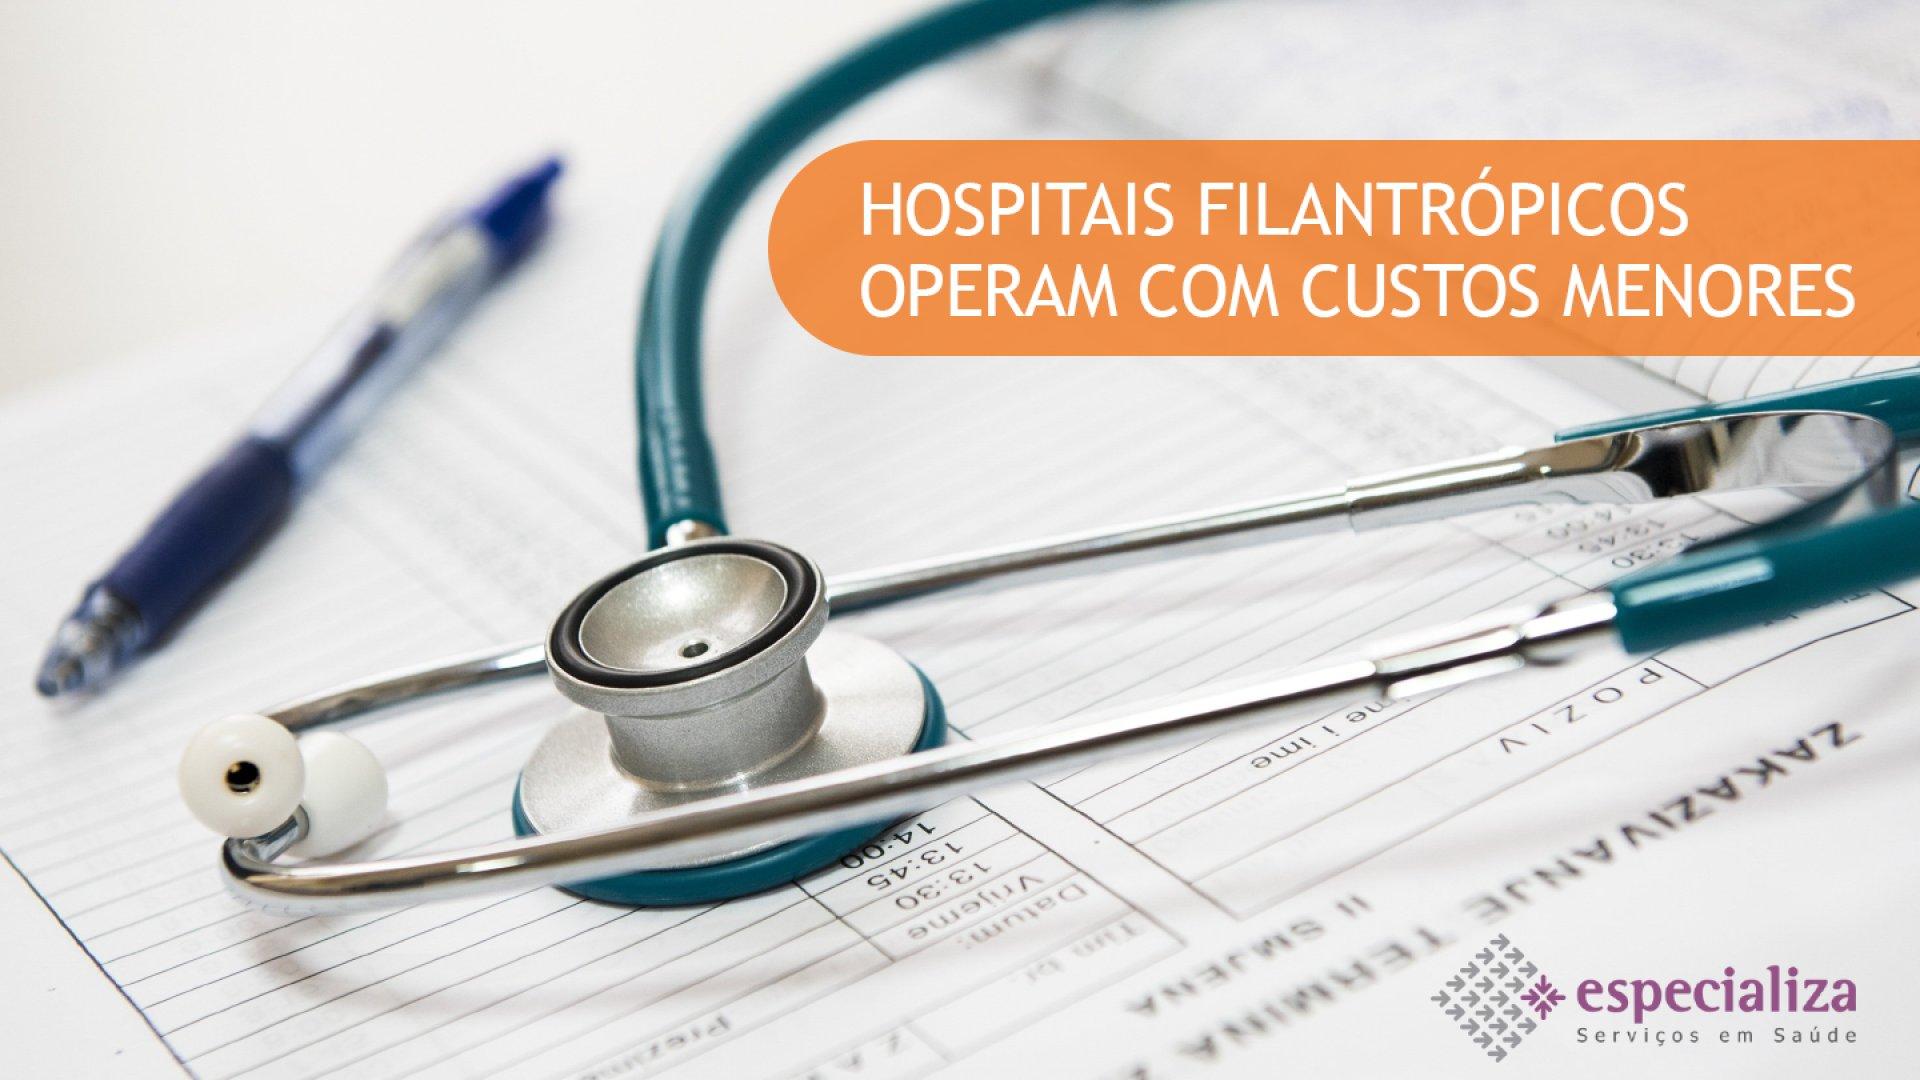 [Hospitais filantrópicos operam com custos menores]